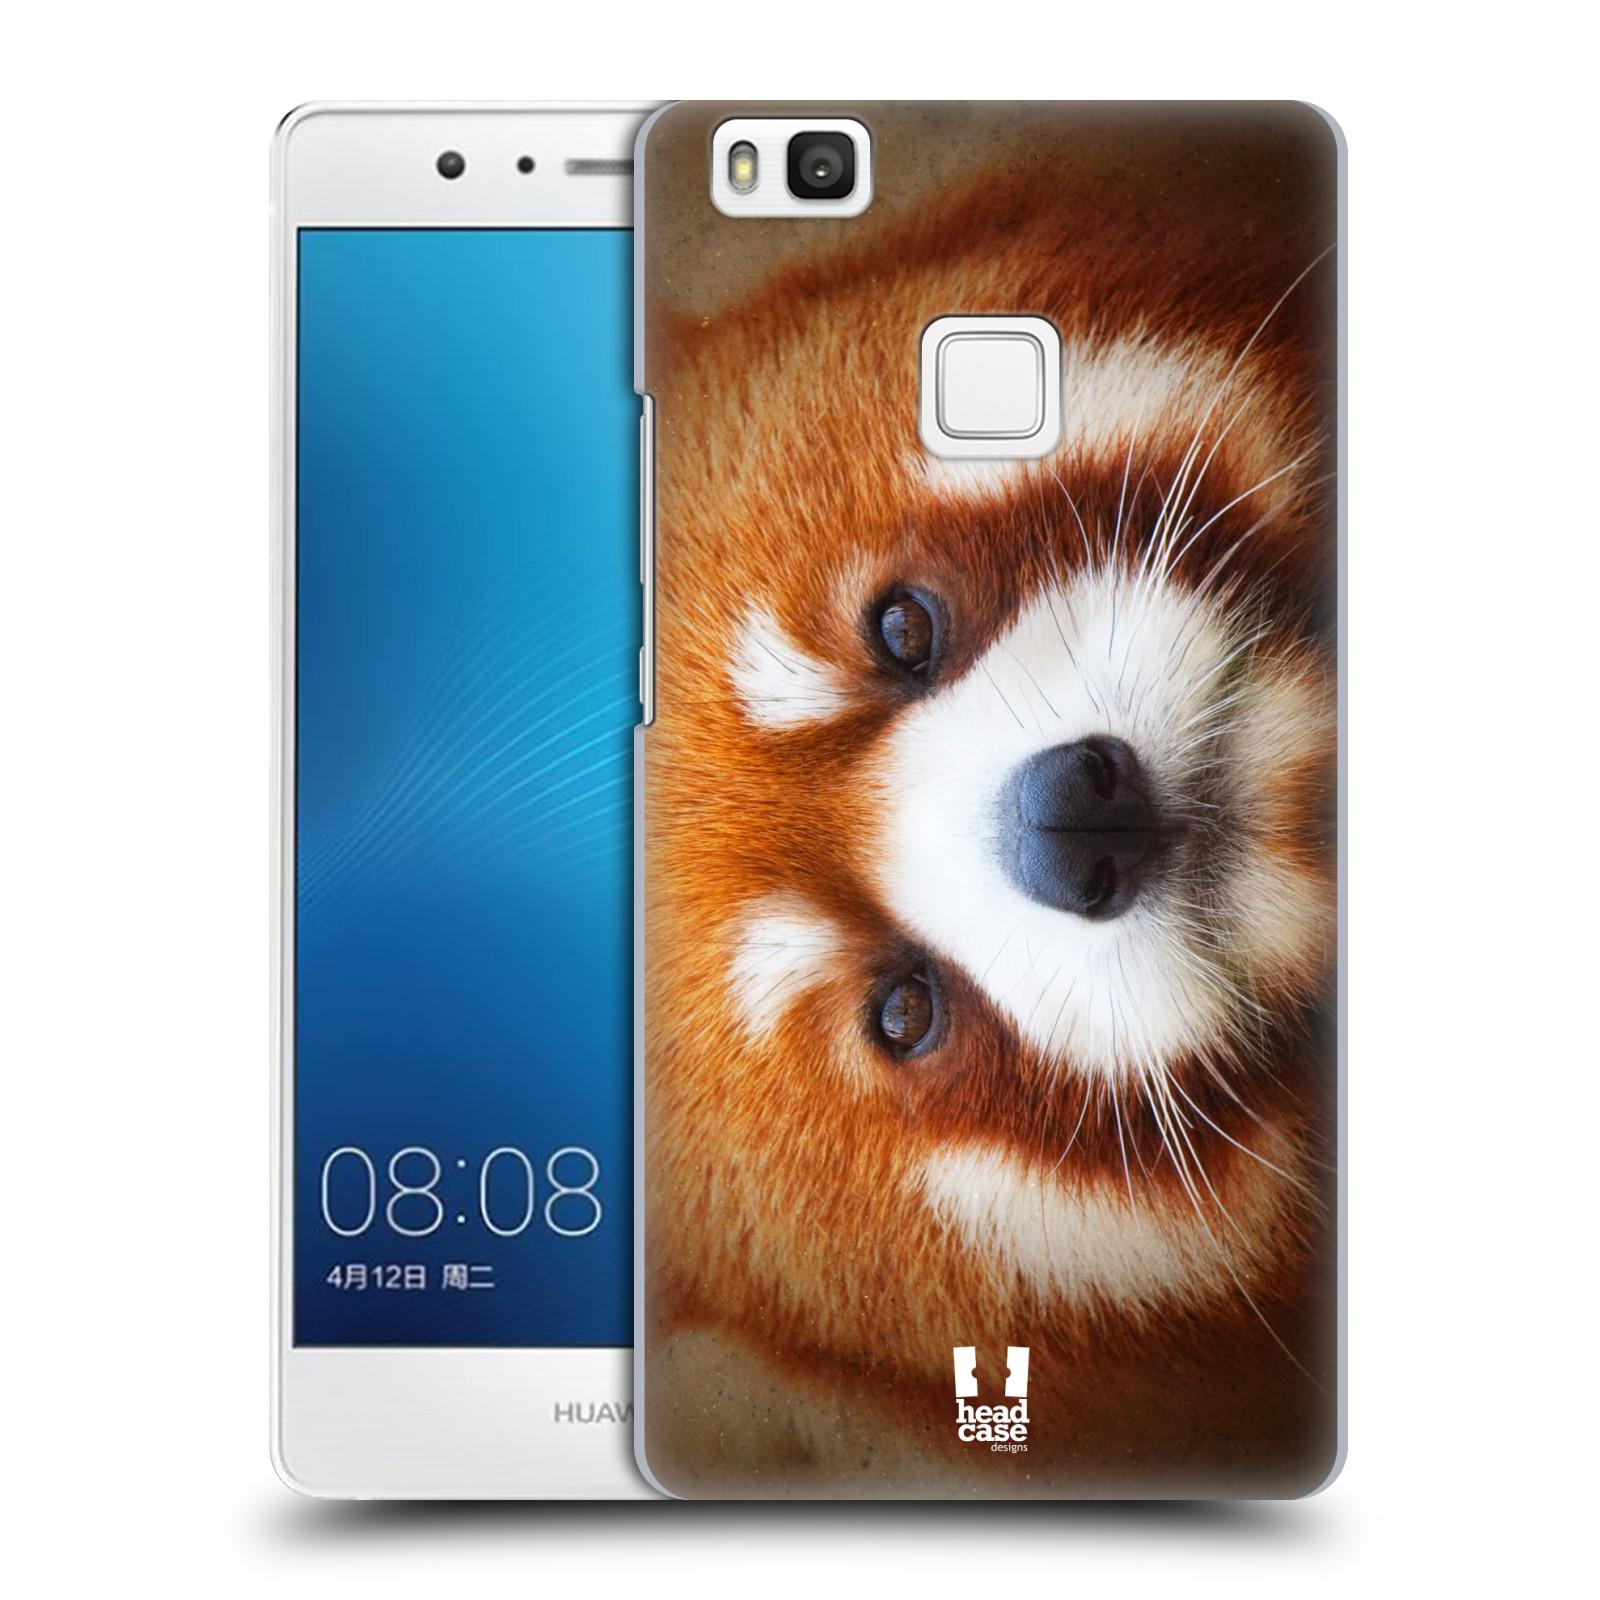 HEAD CASE plastový obal na mobil Huawei P9 LITE / P9 LITE DUAL SIM vzor Zvířecí tváře 2 medvěd panda rudá